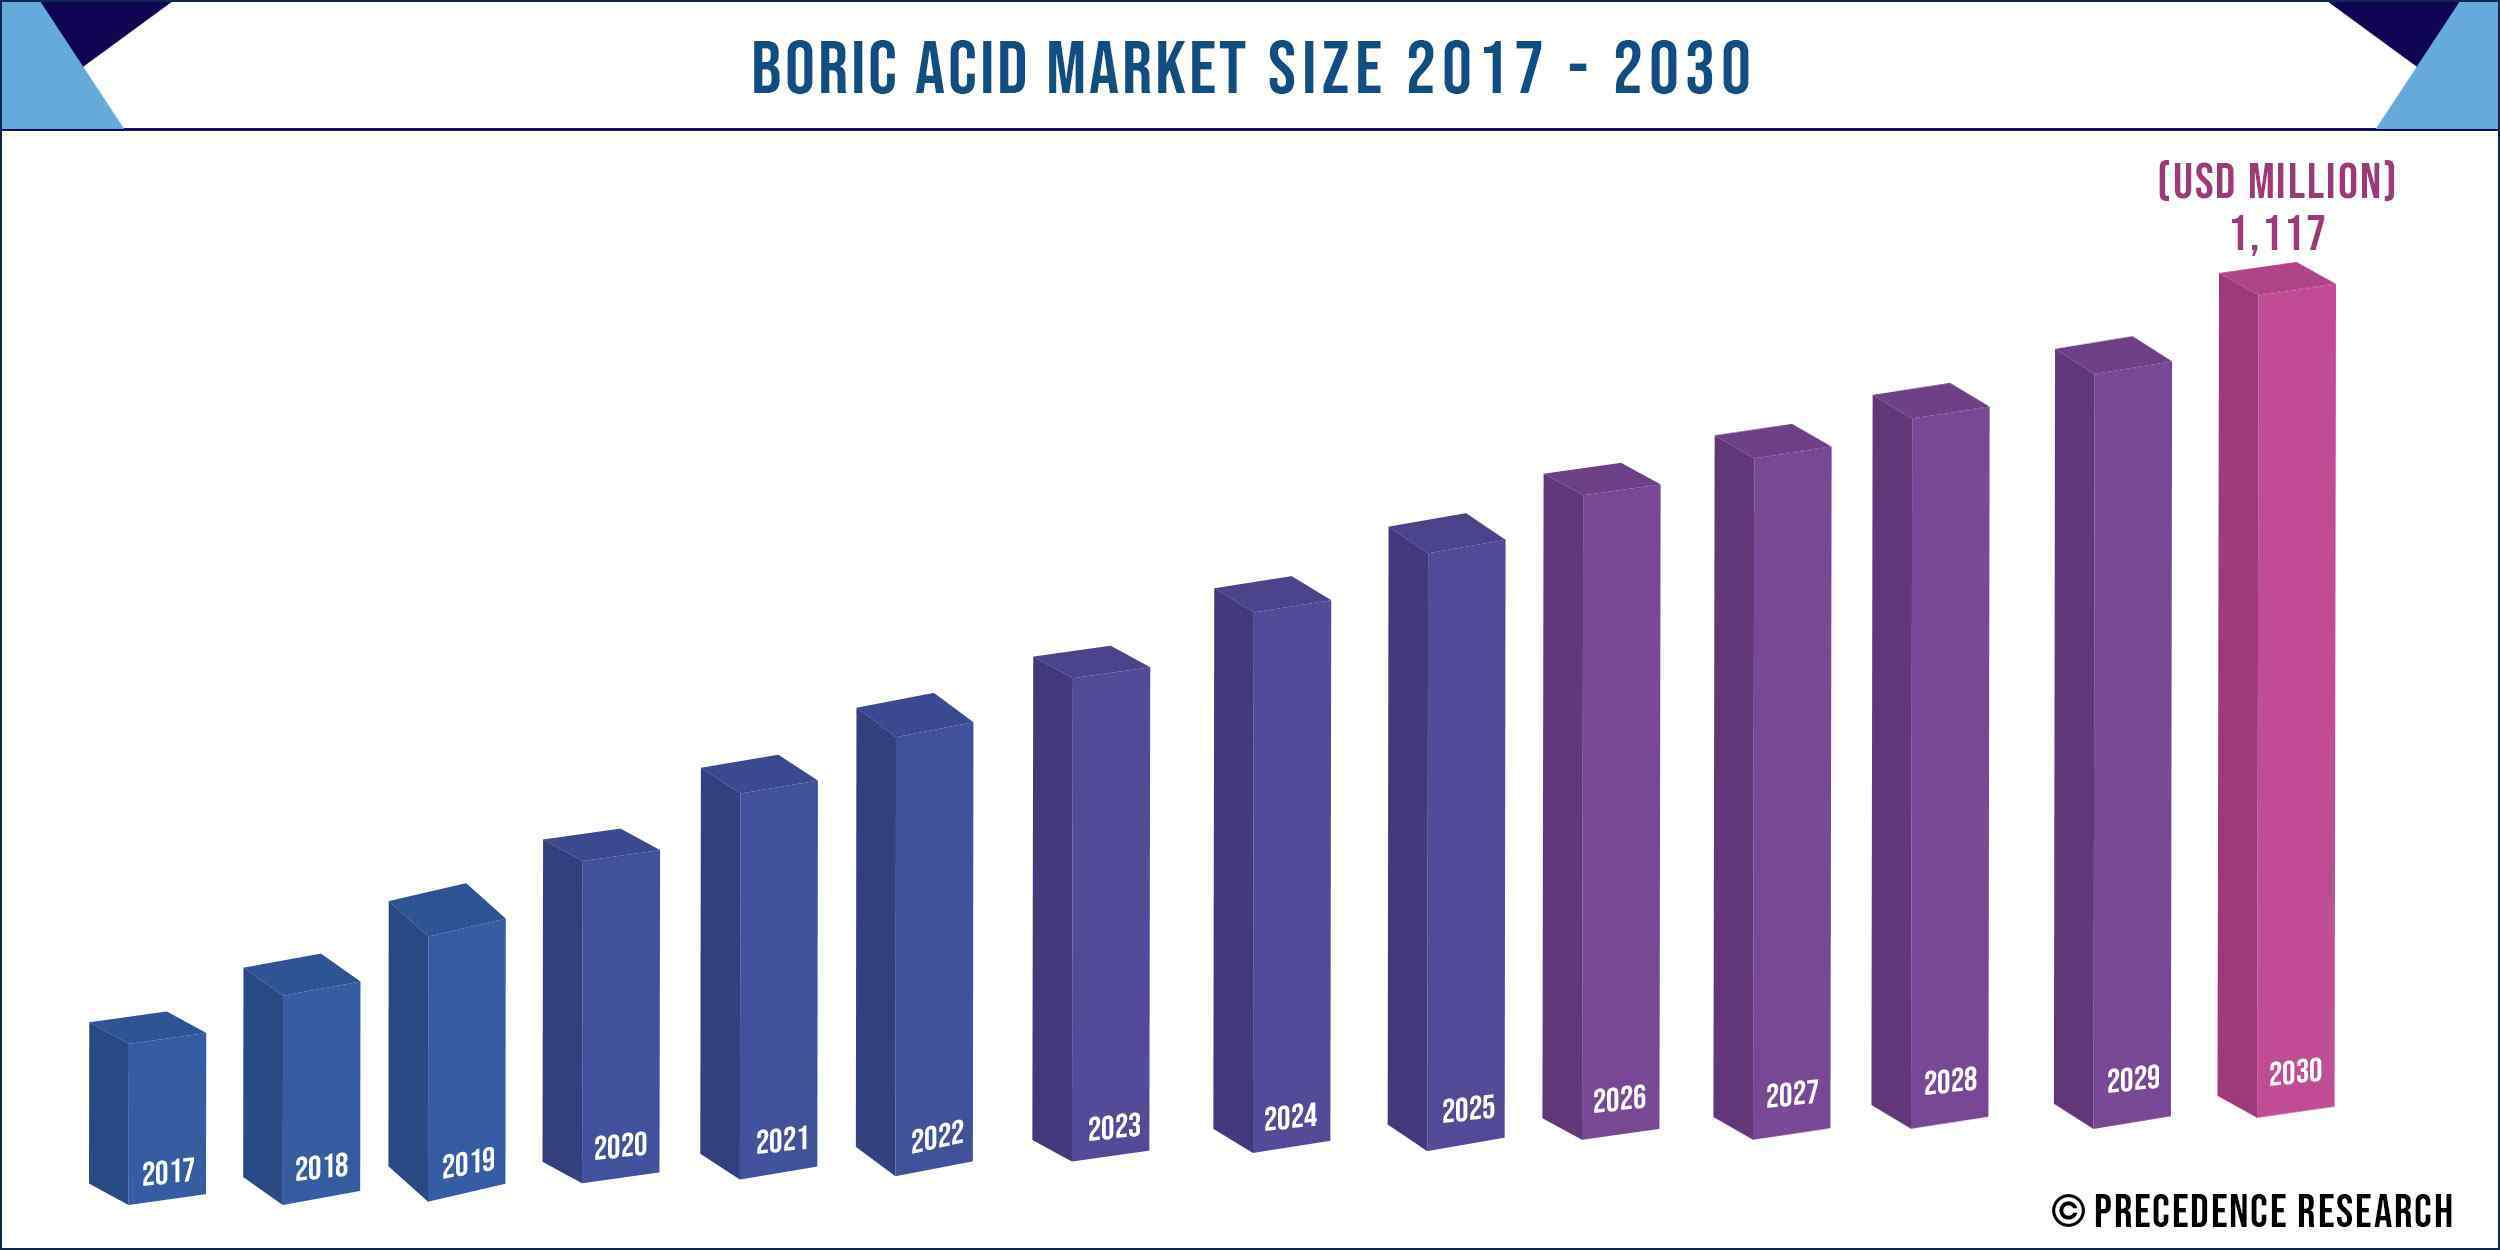 Boric Acid Market Size 2017 to 2030